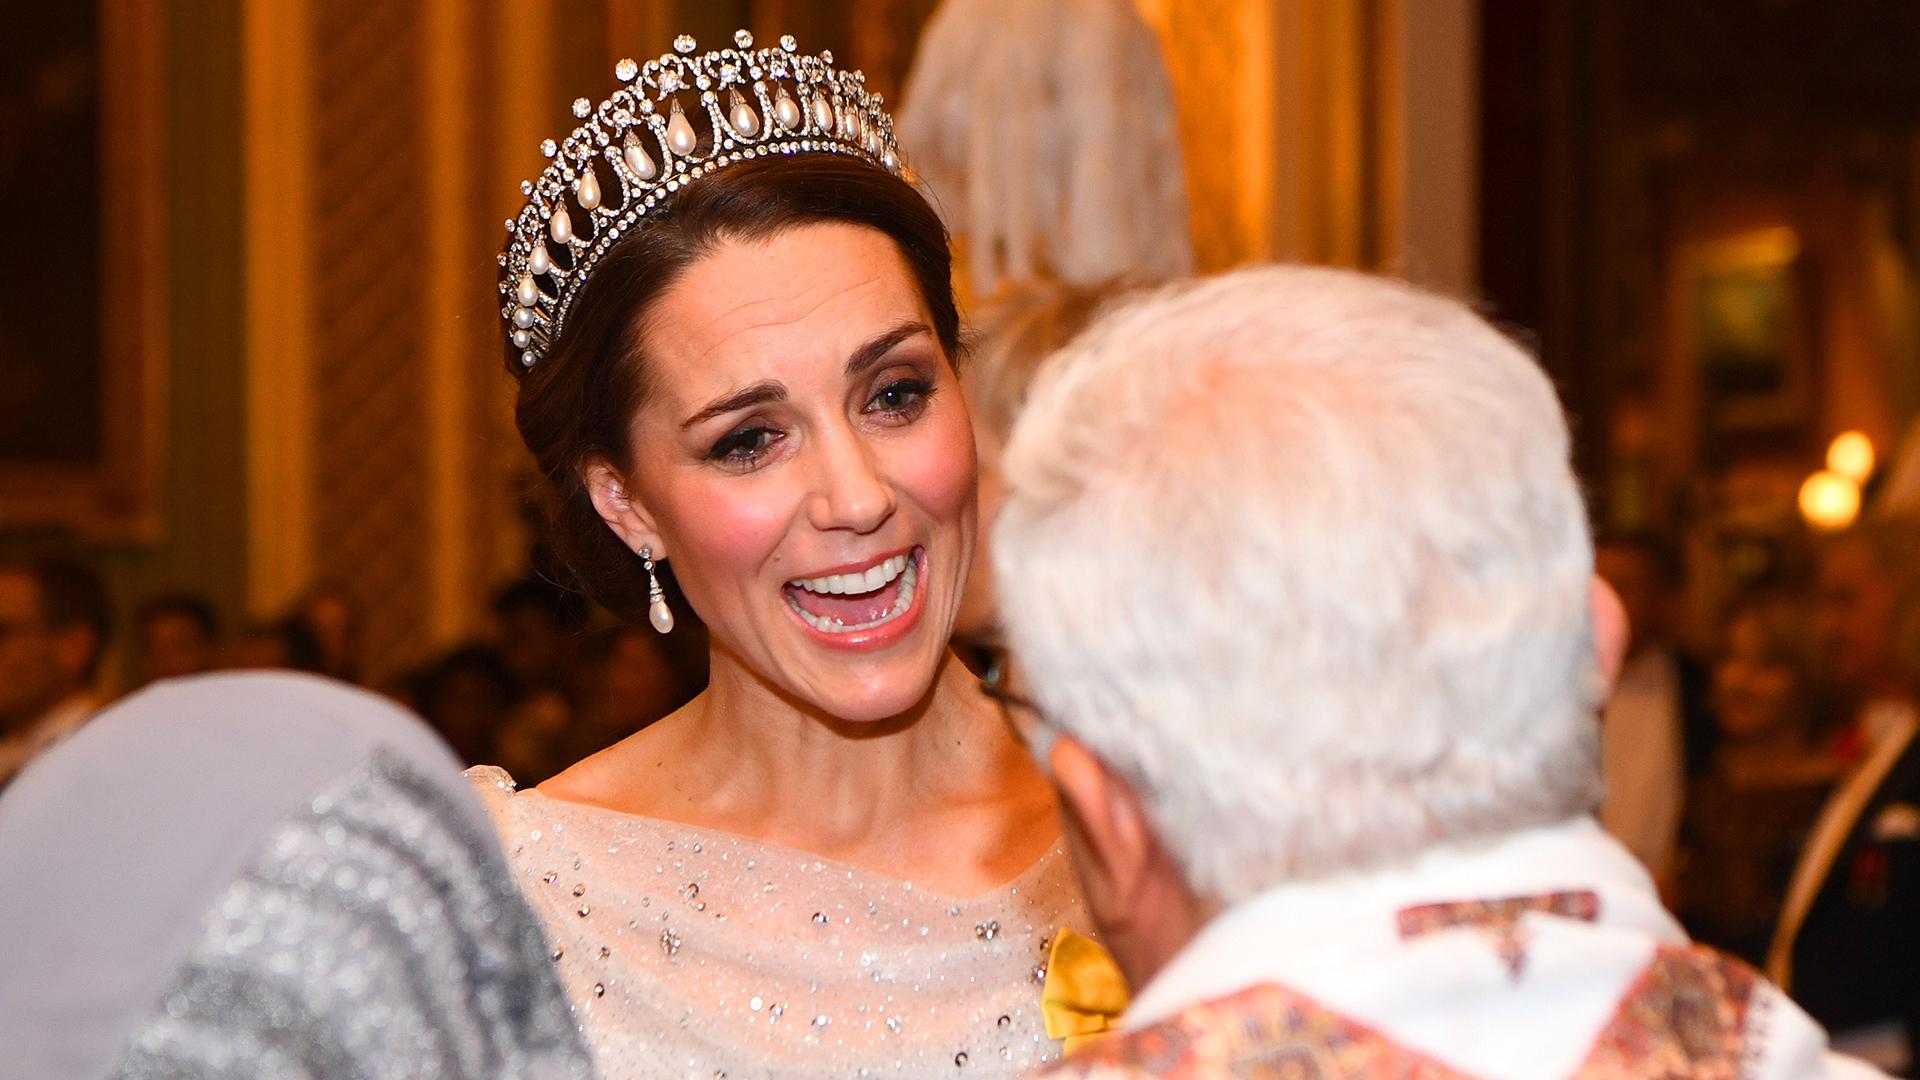 Accesible y simple, la duquesa dialogó con los invitados y se tomó su tiempo para conocerlos